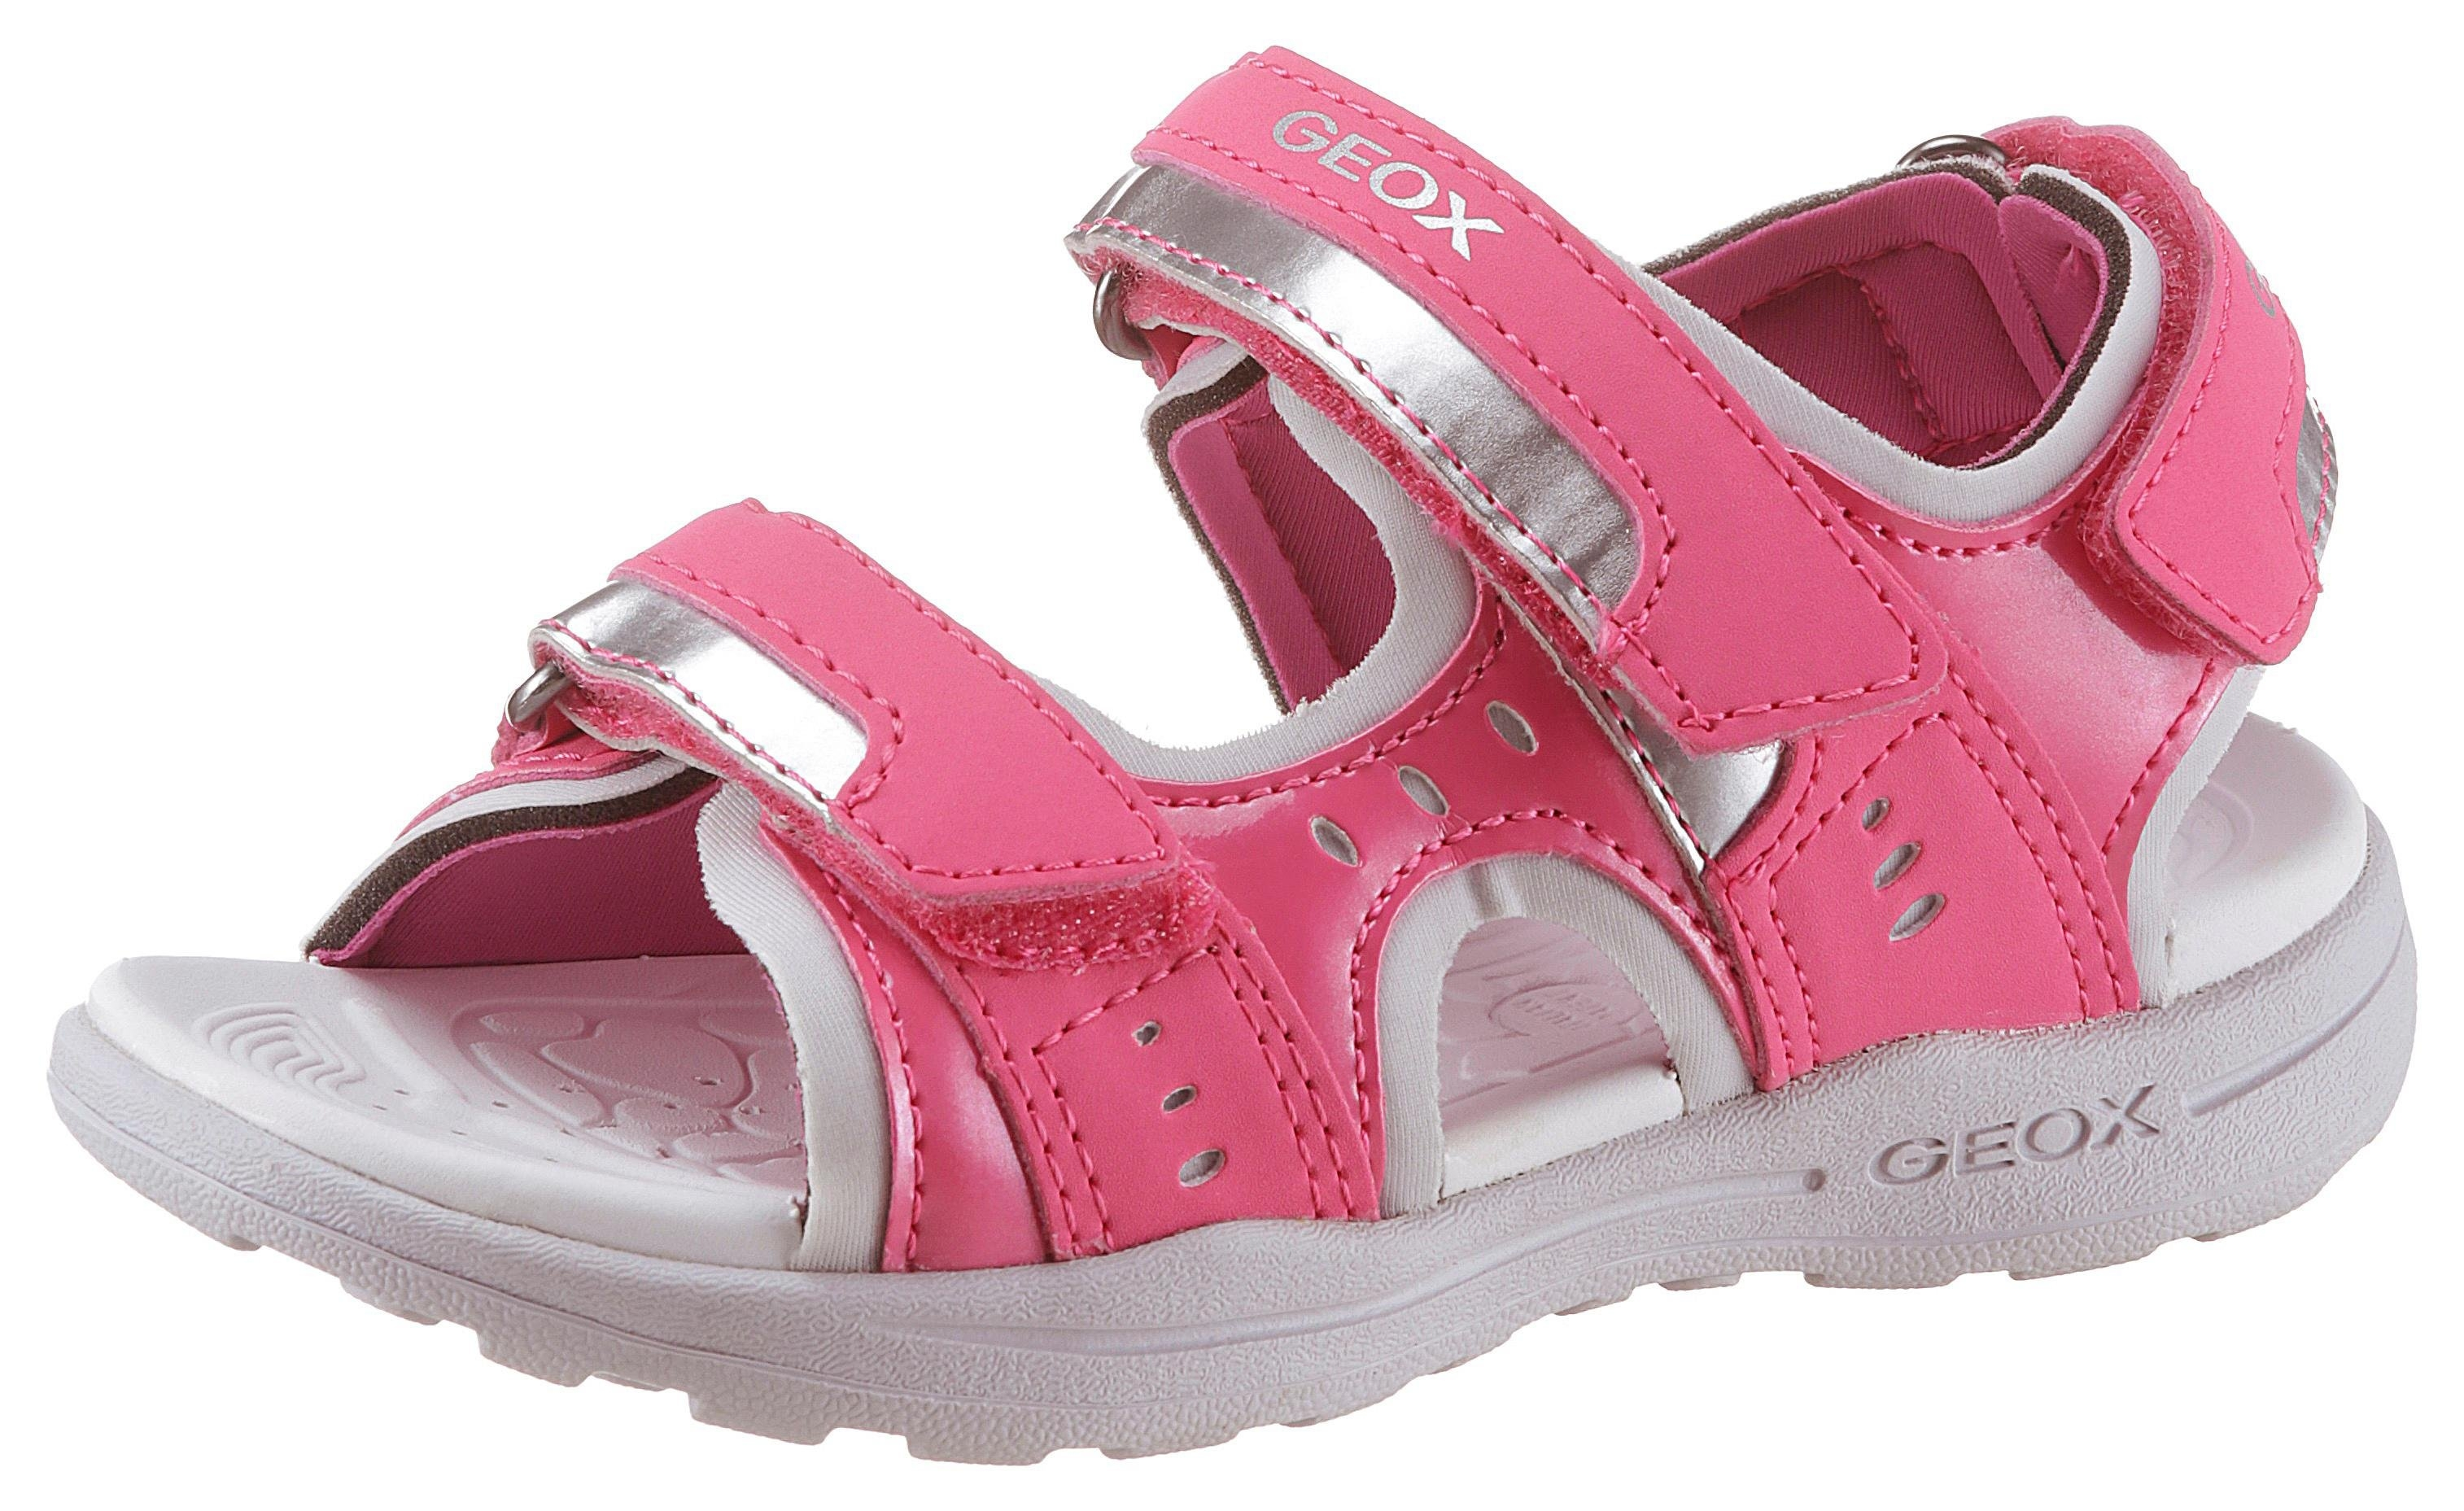 Geox Kids sandalen »Vaniett« voordelig en veilig online kopen